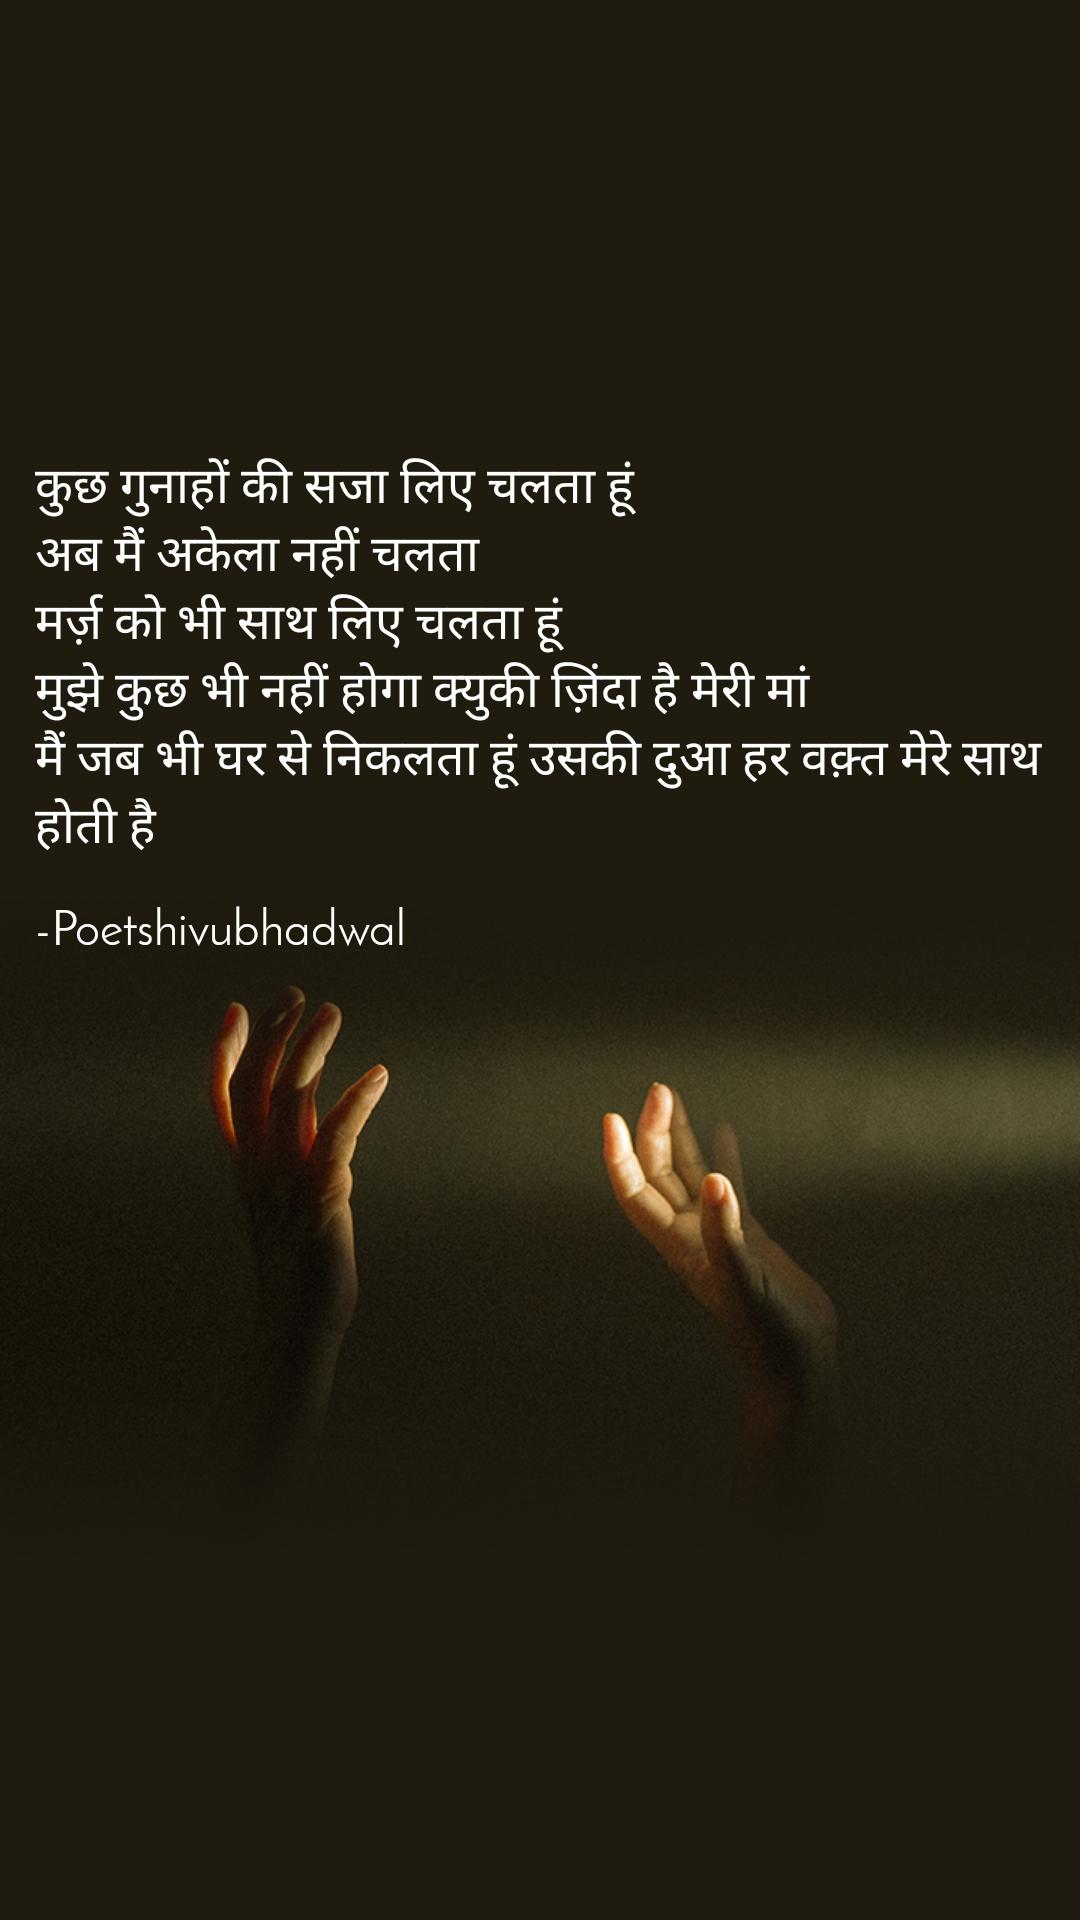 कुछ गुनाहों की सजा लिए चलता हूं  अब मैं अकेला नहीं चलता  मर्ज़ को भी साथ लिए चलता हूं  मुझे कुछ भी नहीं होगा क्युकी ज़िंदा है मेरी मां मैं जब भी घर से निकलता हूं उसकी दुआ हर वक़्त मेरे साथ होती है  -Poetshivubhadwal